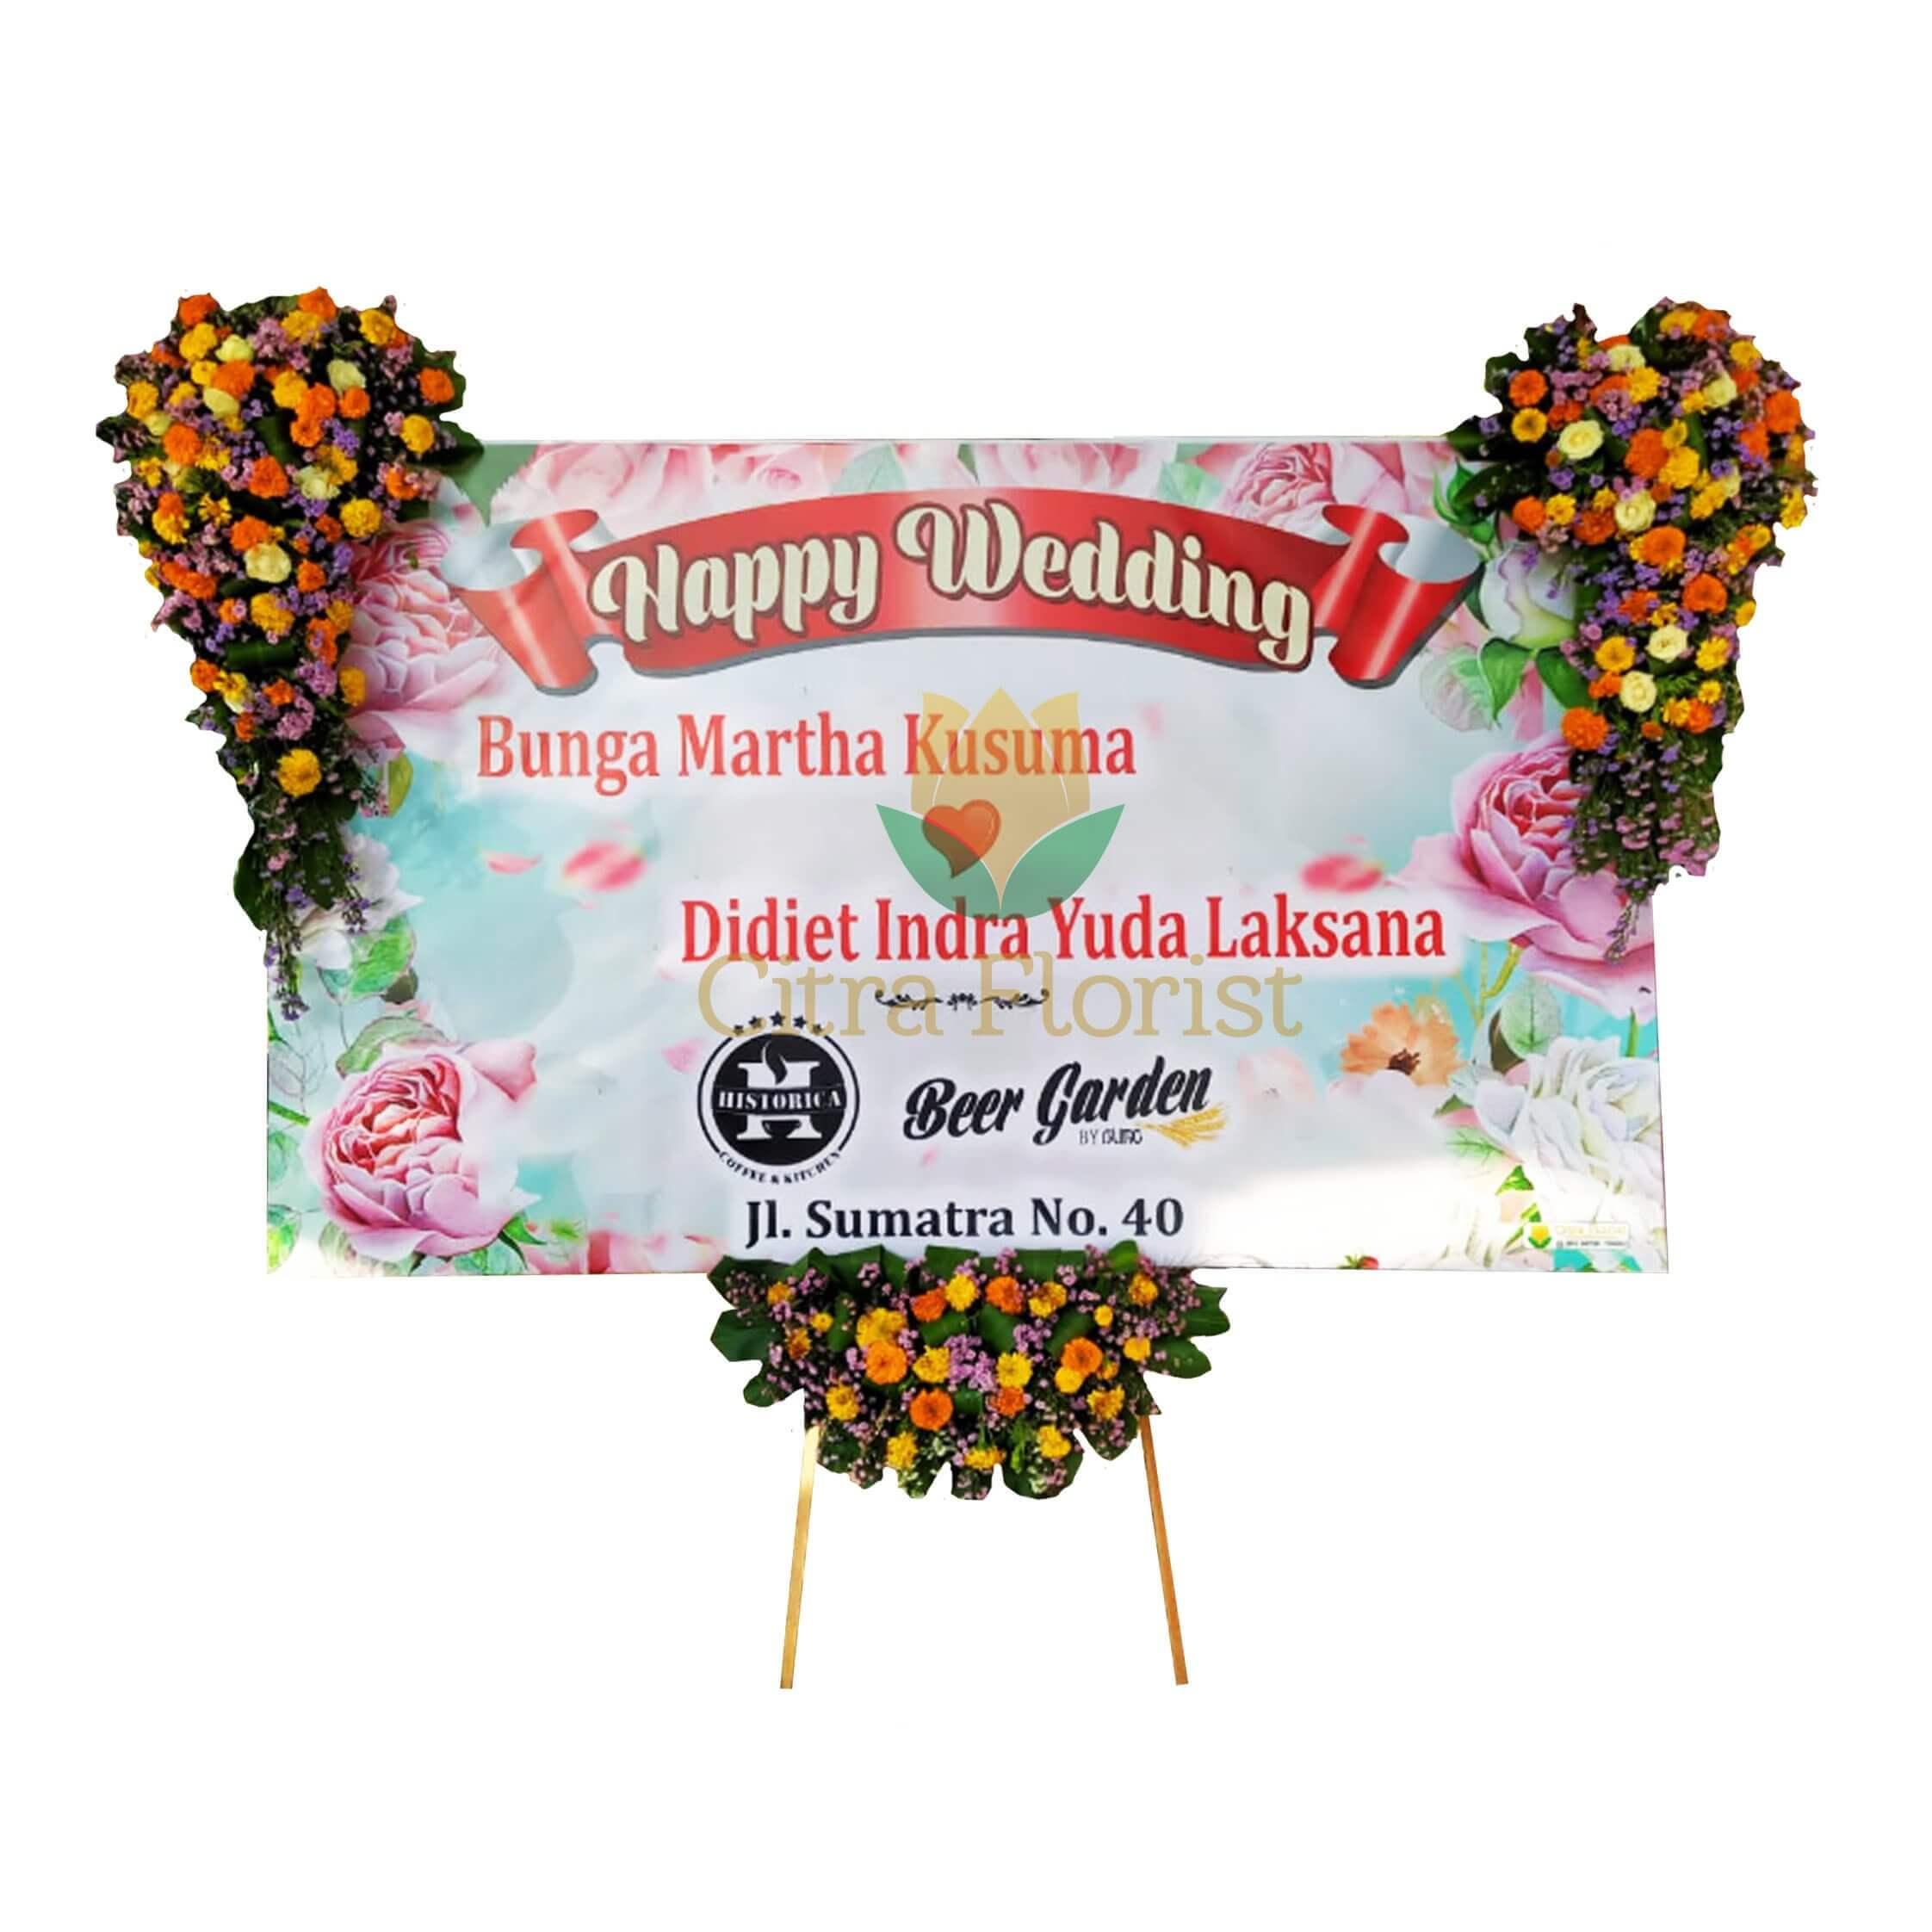 (SBY) Papan Bunga Happy Wedding Banner 3 Meter, Bunga 3 Titik (Kanan Kiri Atas 1 Bawah)